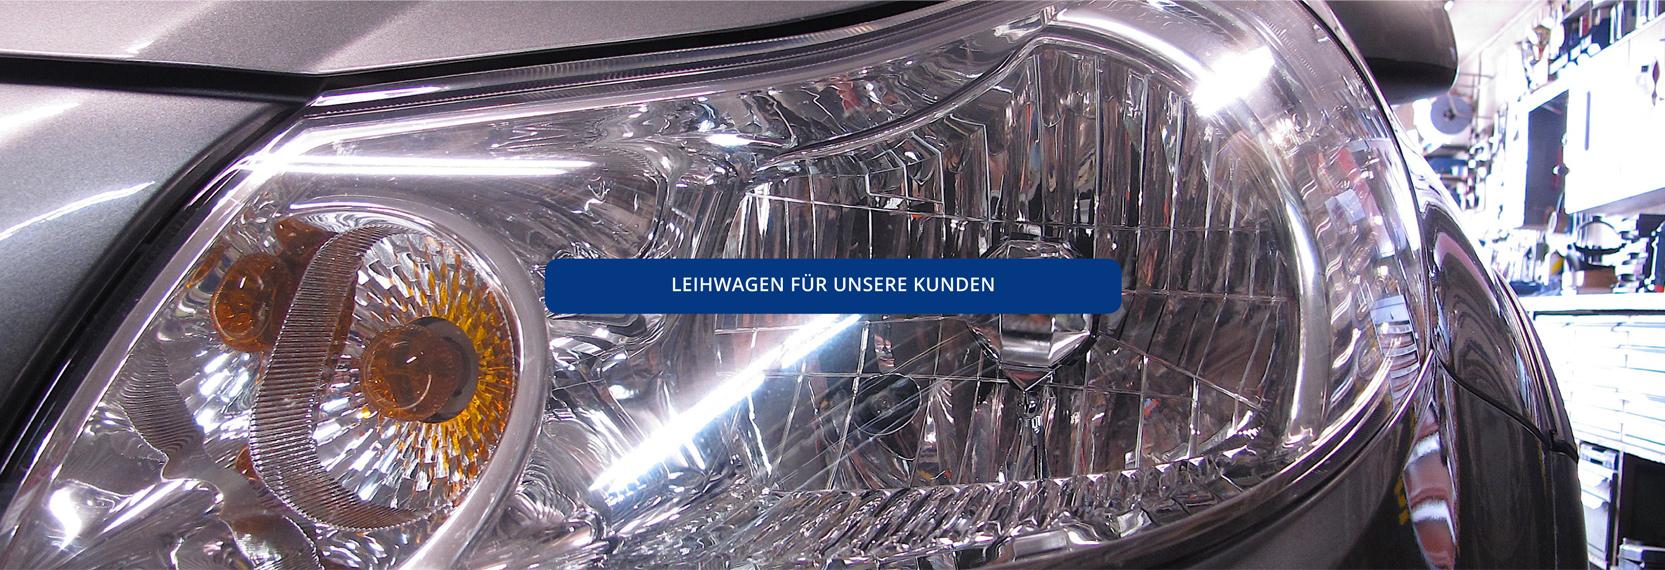 Werkstatt Lochmüller Irschenberg 3